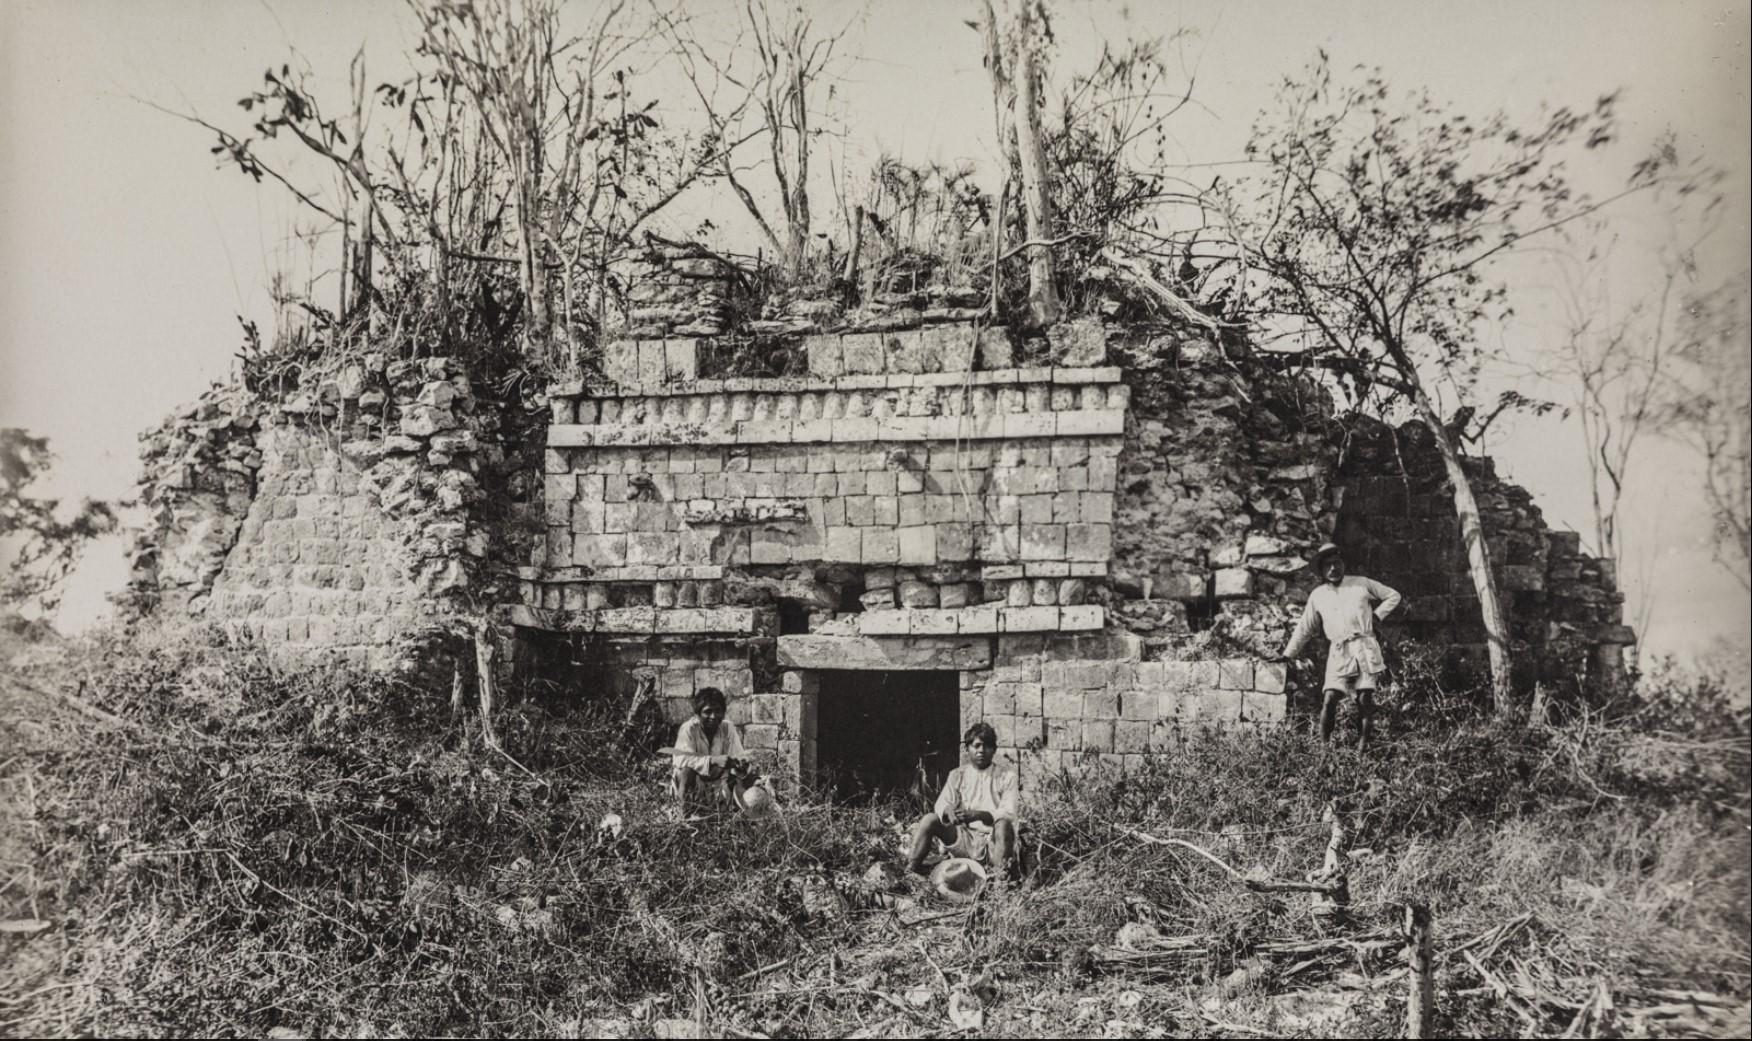 06. Разрушенное здание в руинах майя Халал де Эспиридион Сервера